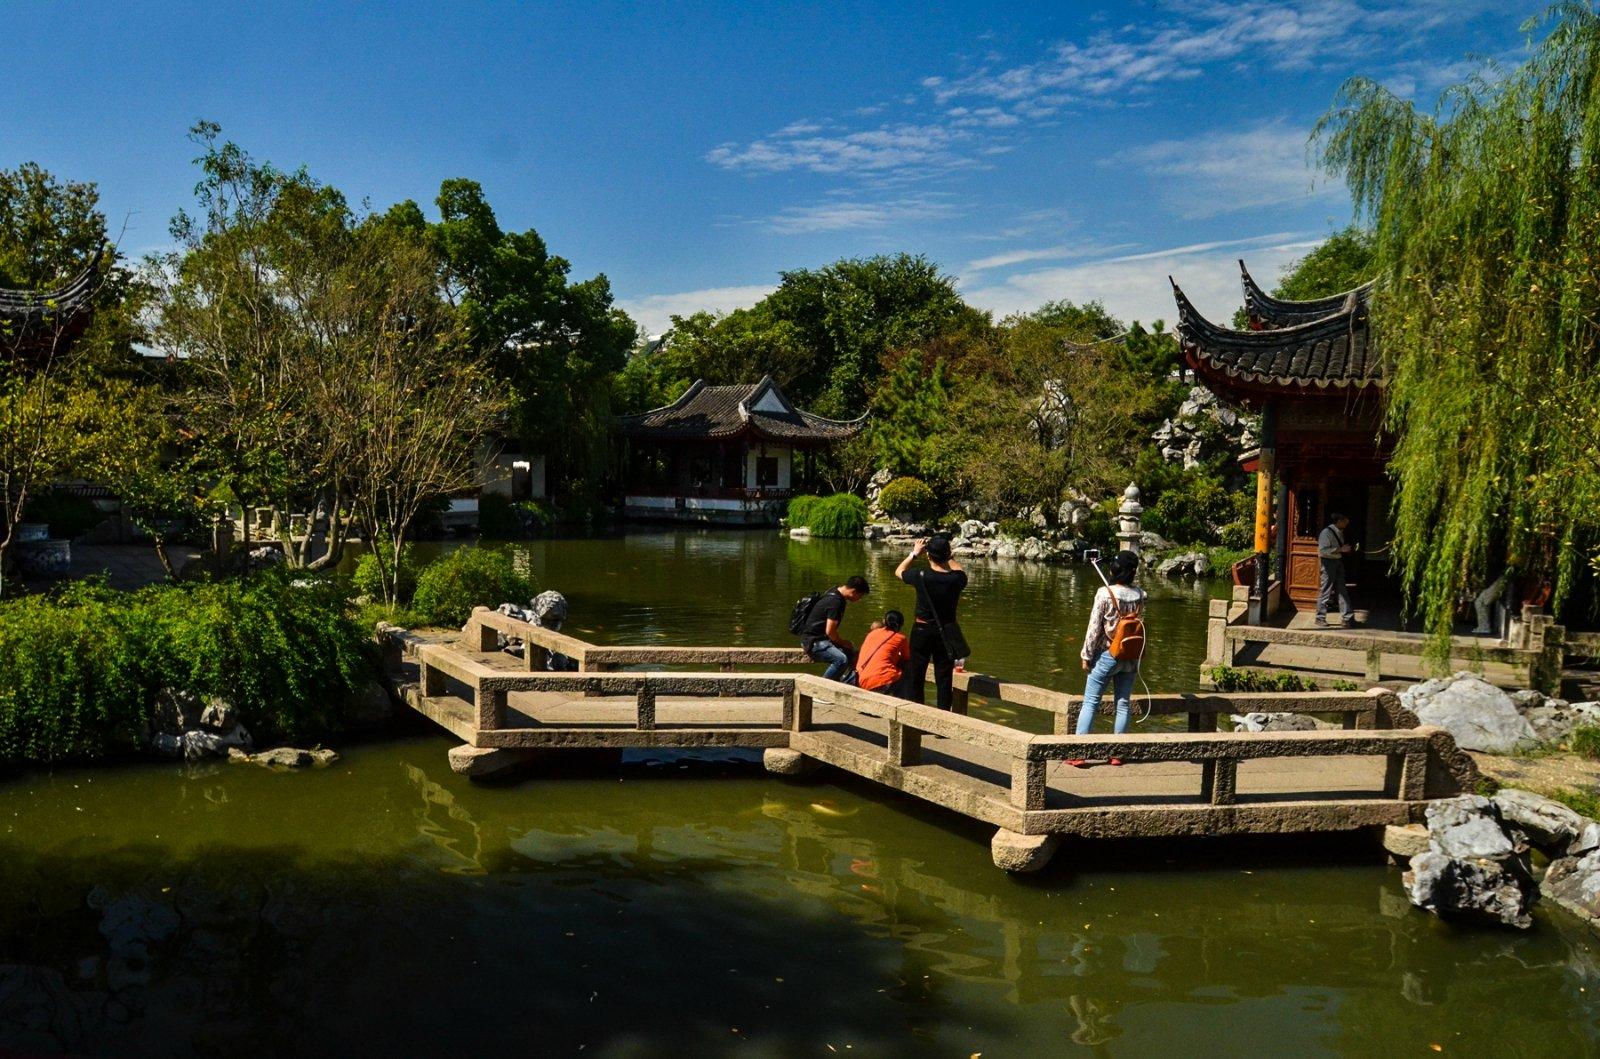 同里:苏州园林与江南古镇结合的艺术臻品